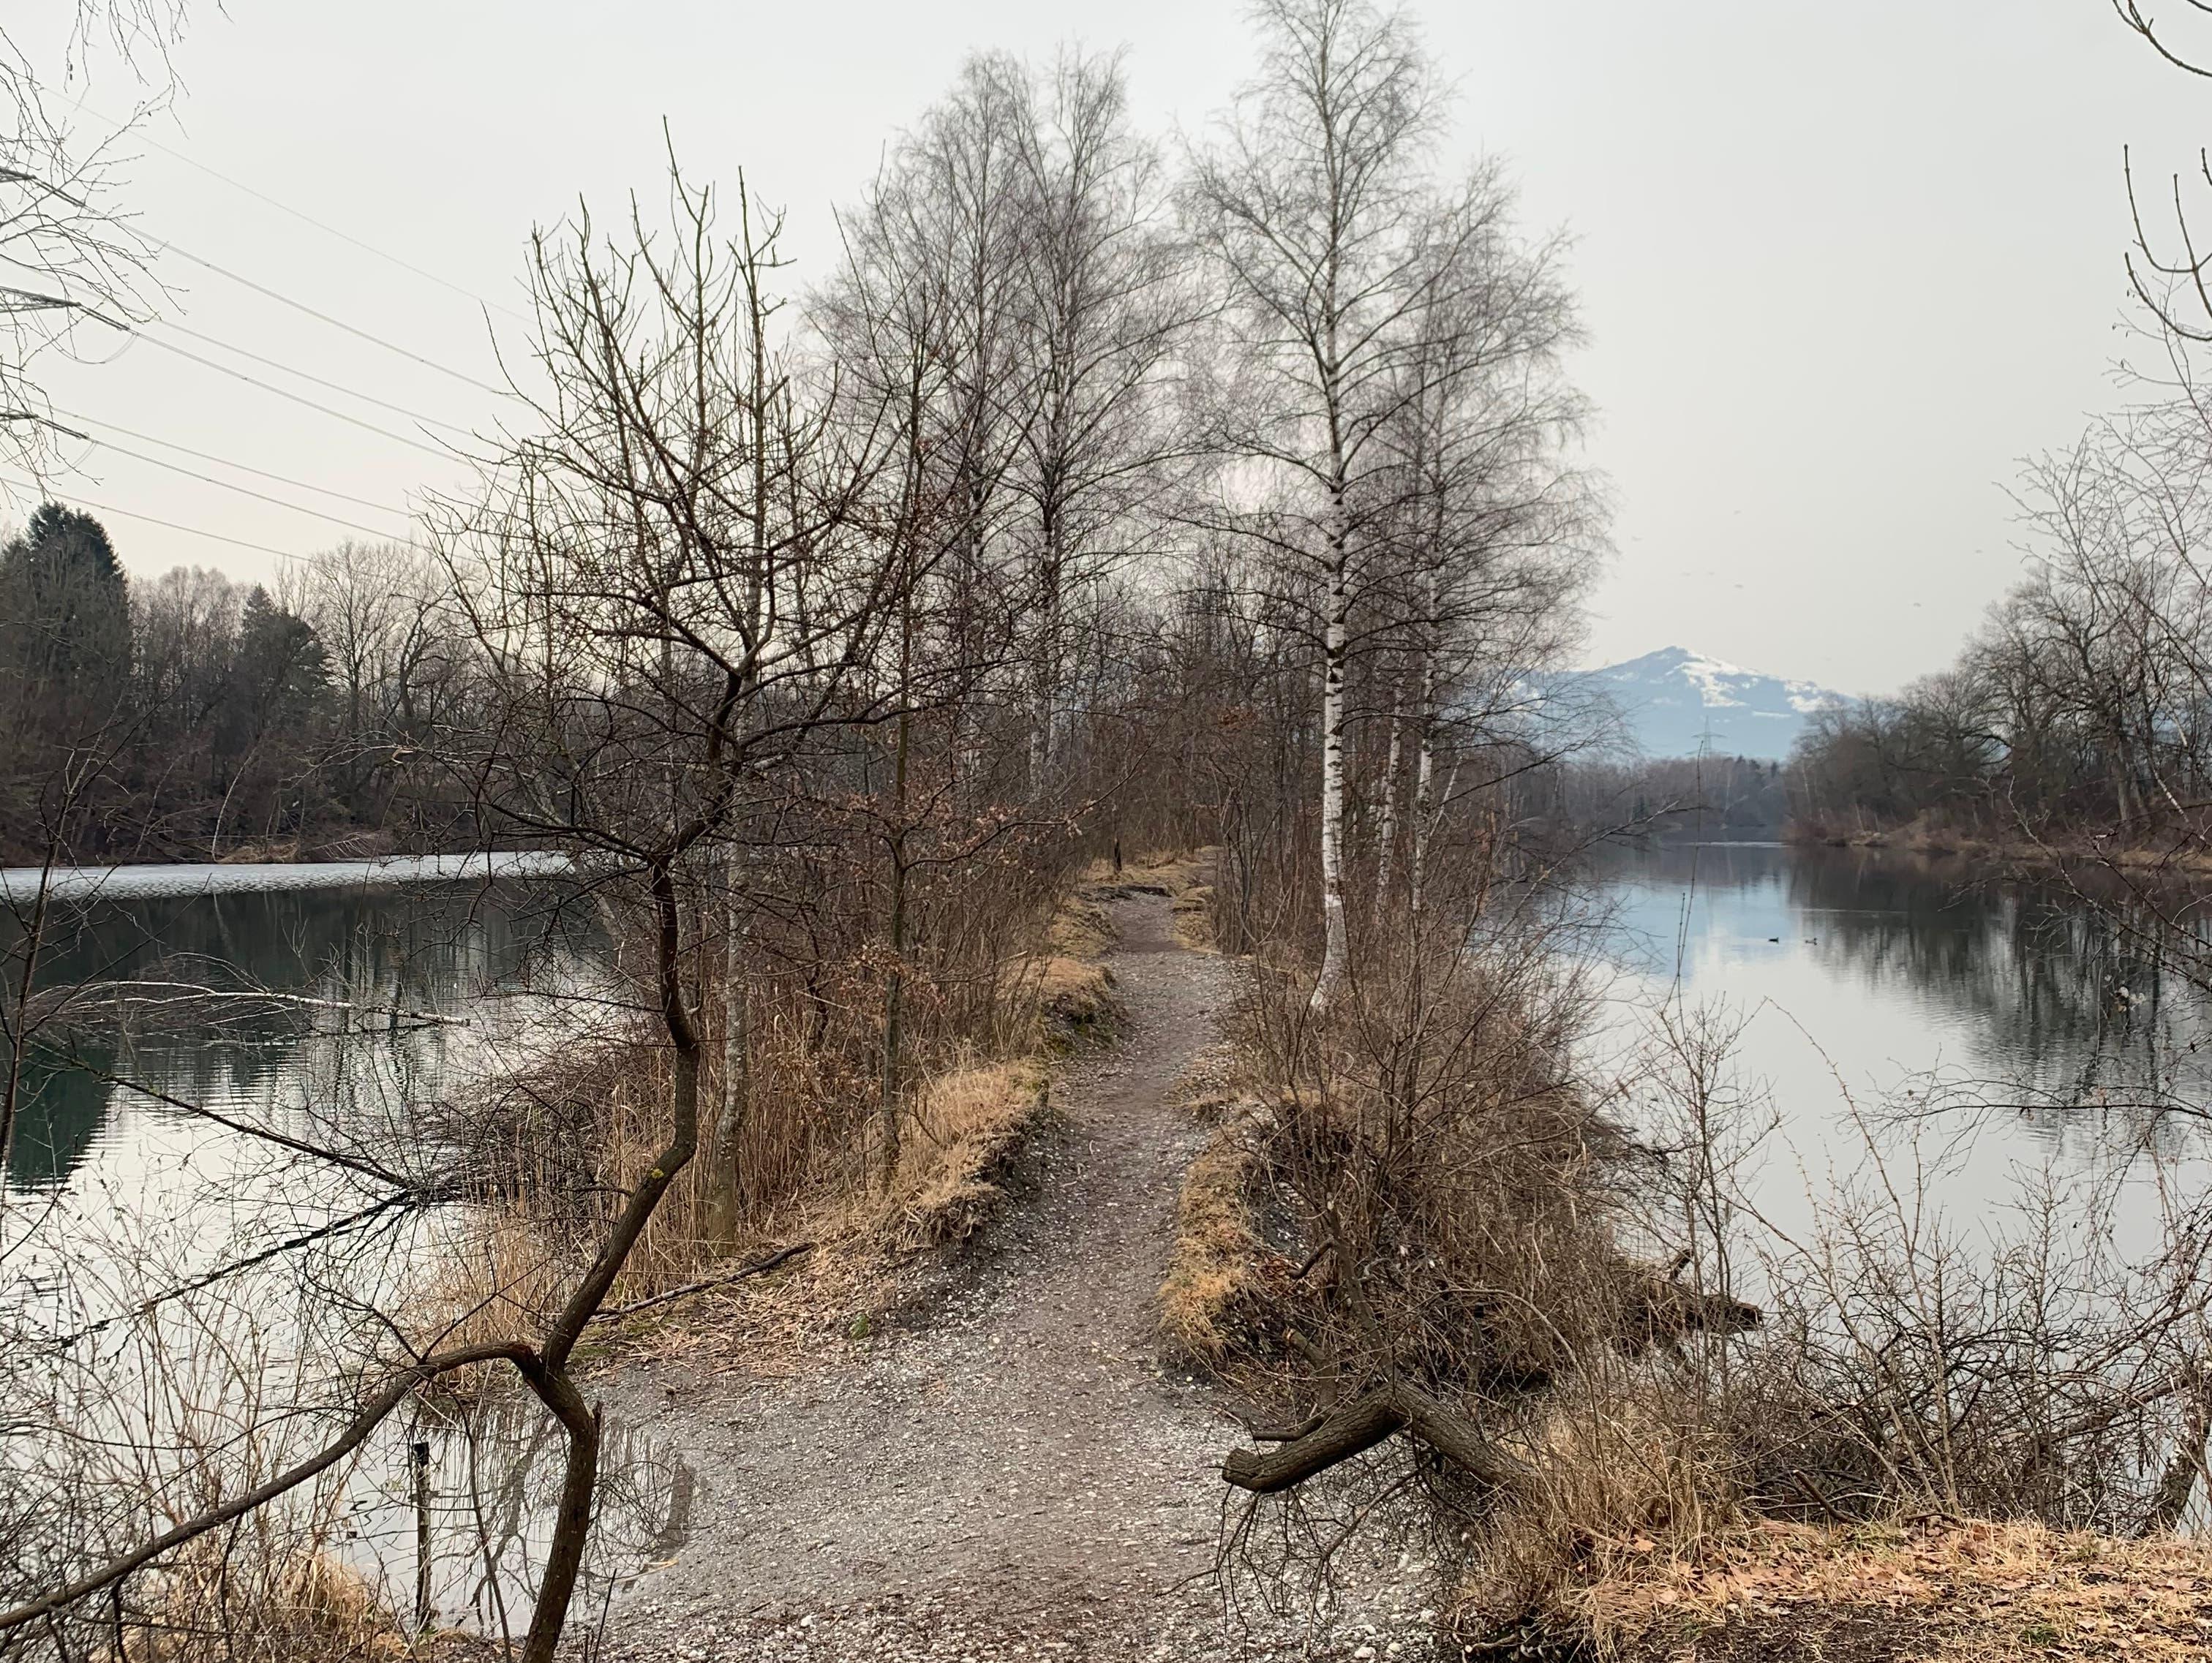 Das Highlight der Route: Der Wanderpfad mitten auf dem Alten Rhein, entlang der österreichischen Grenze. Dorthin müssen wir jedoch erst kommen – wir starten am Zollamt Hohenems.